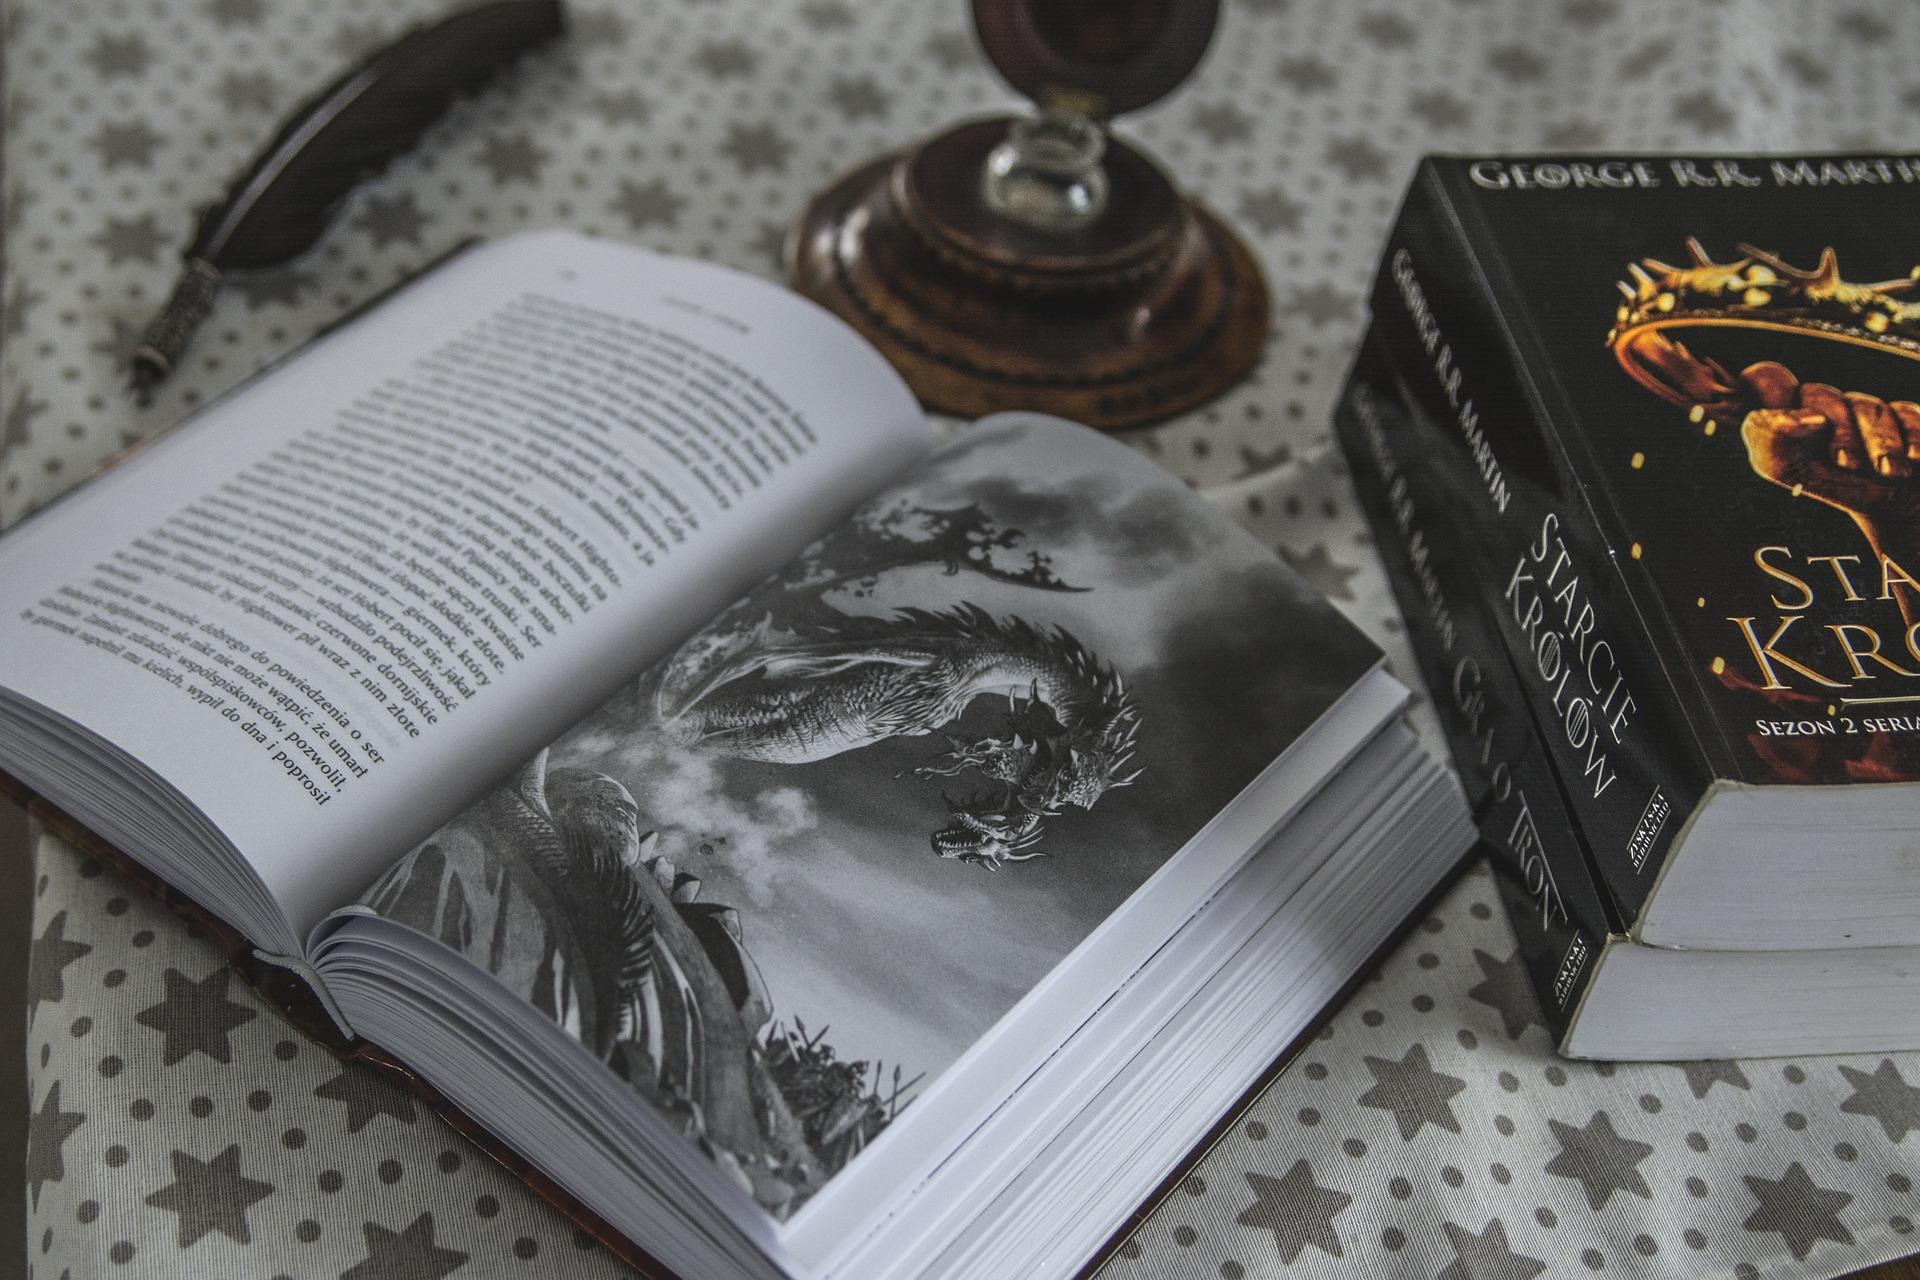 'История любви, мести, безумия и опасностей': Джордж Мартин создаёт спектакль по 'Игре Престолов'